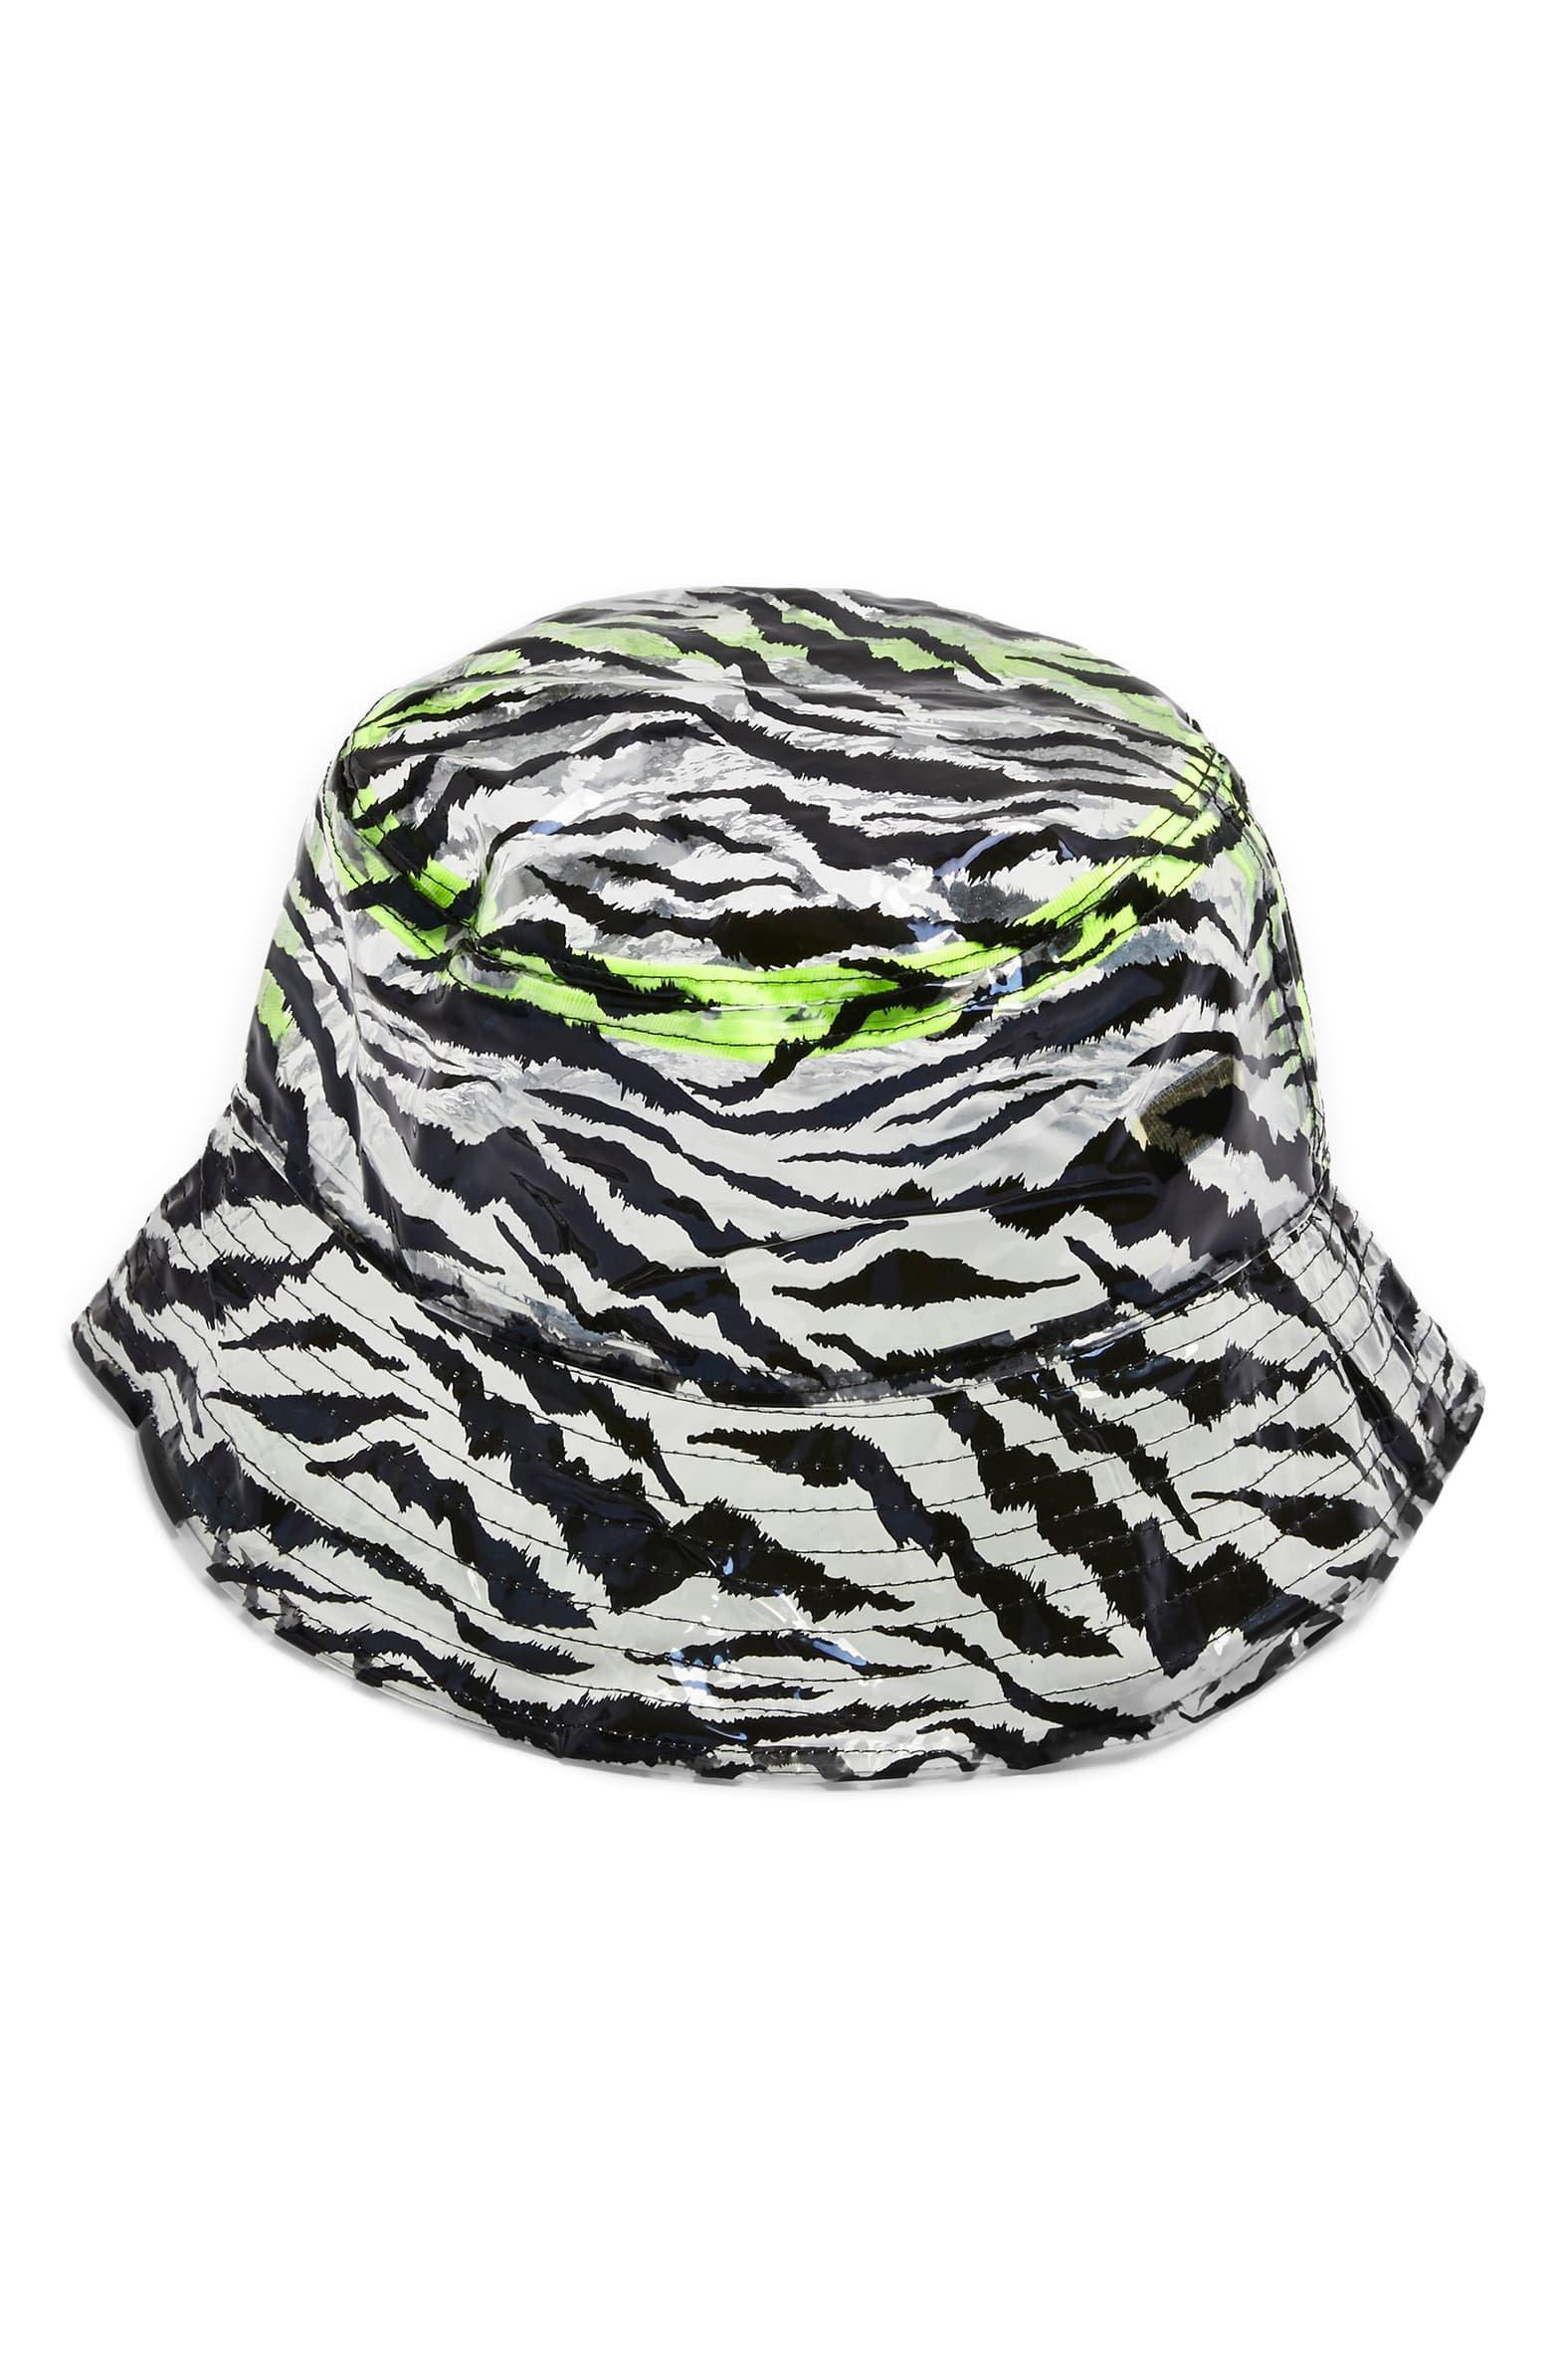 Topshop Zebra Bucket Hat | Nordstrom